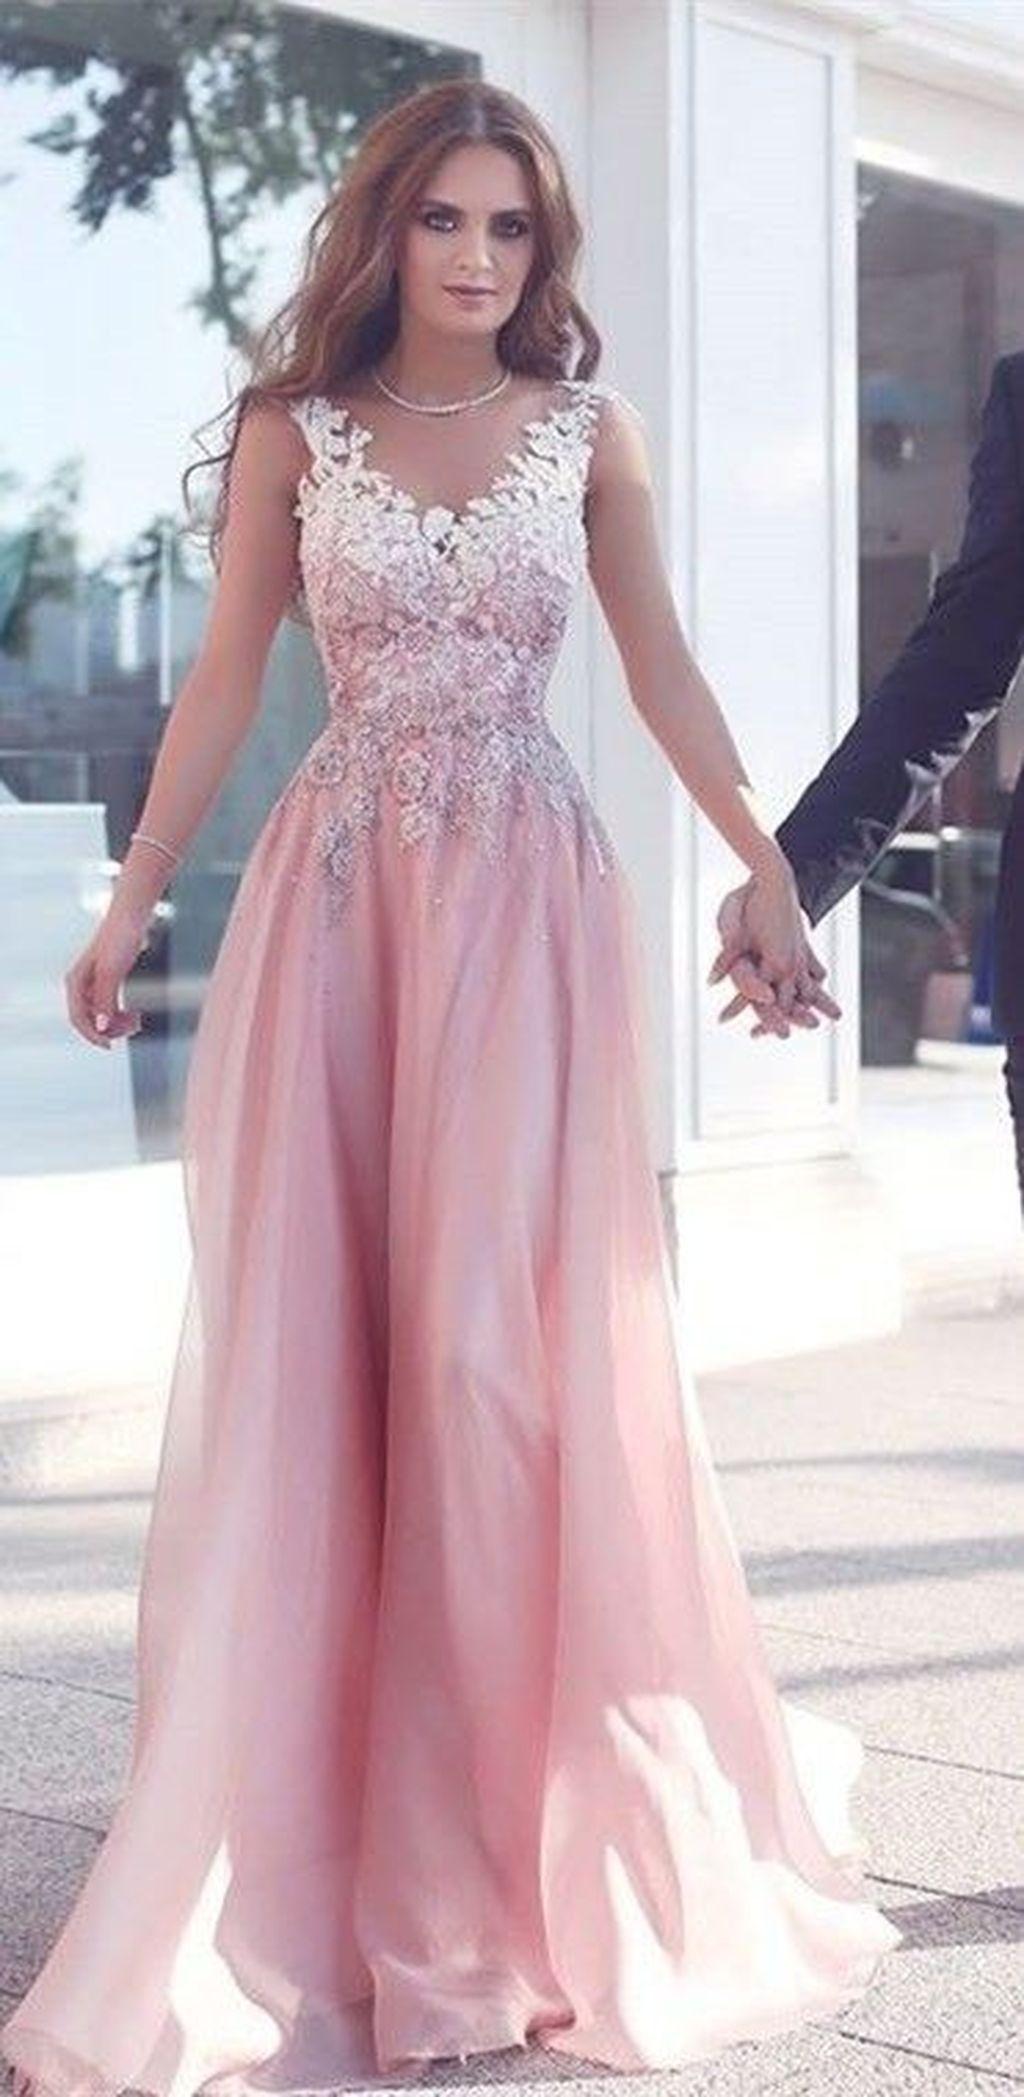 e6ffa1f1b5a Pink round neck lace long prom dress